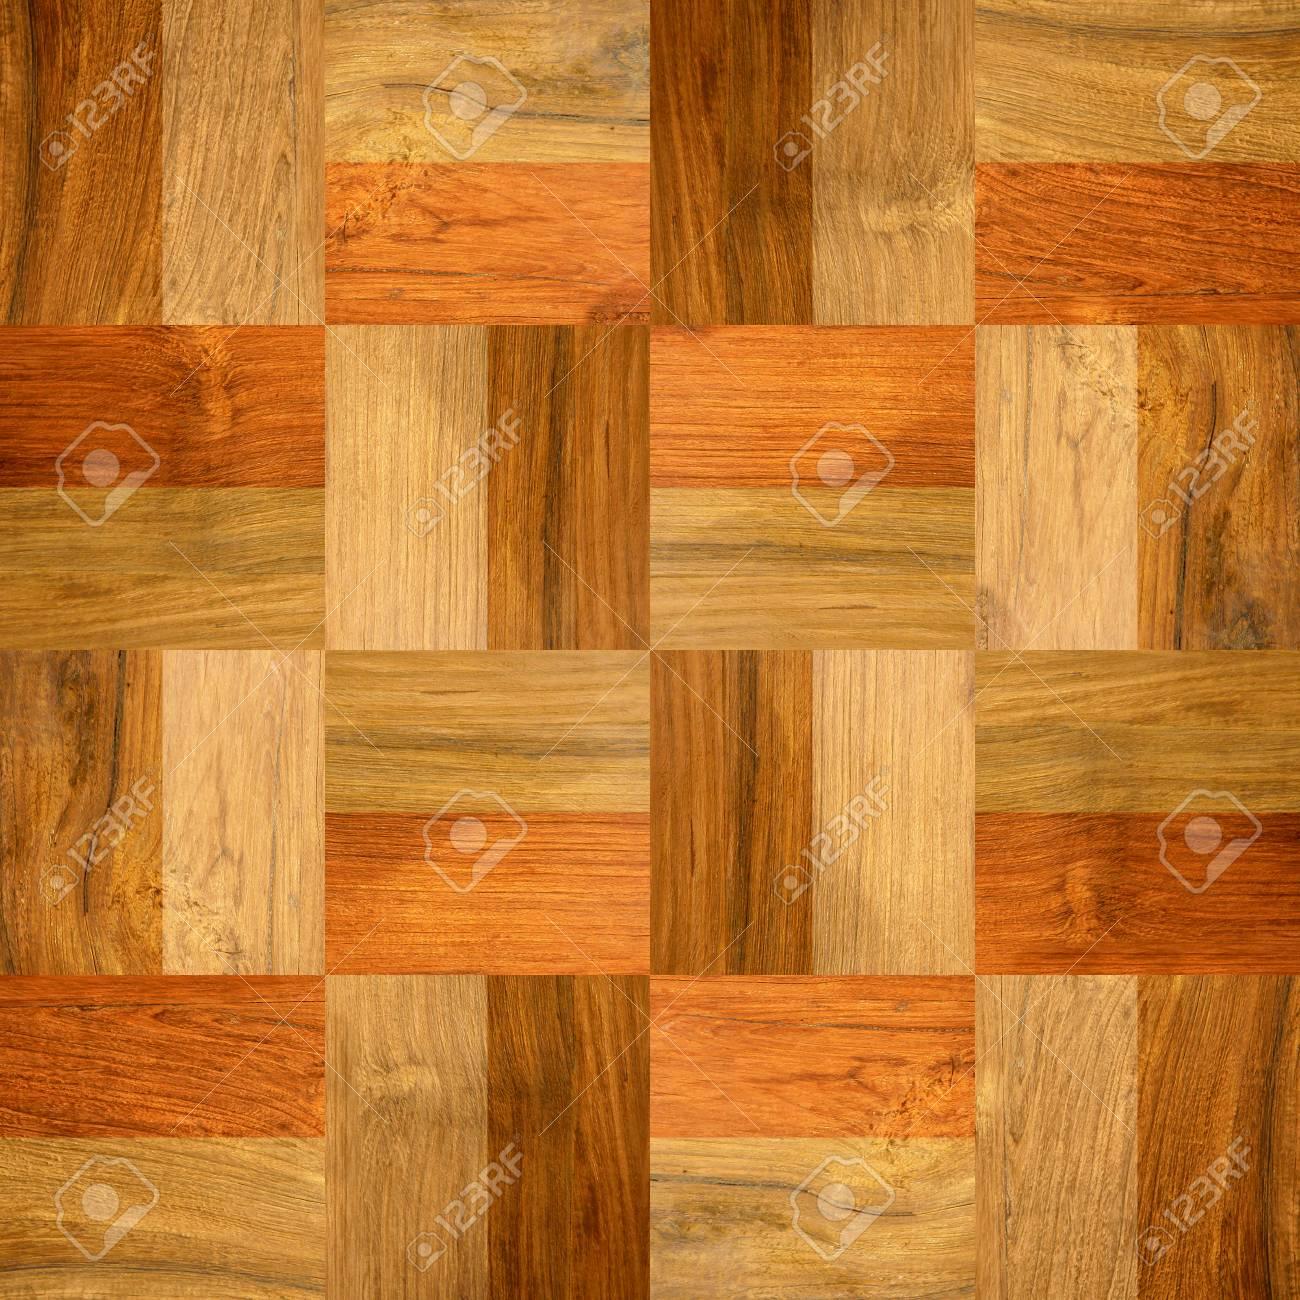 Carrelage Mural Sur Bois motif panneau mural intérieur - carrelage décoratif - fond transparent -  style damier - texture bois - structure naturelle fine - réplication  continue